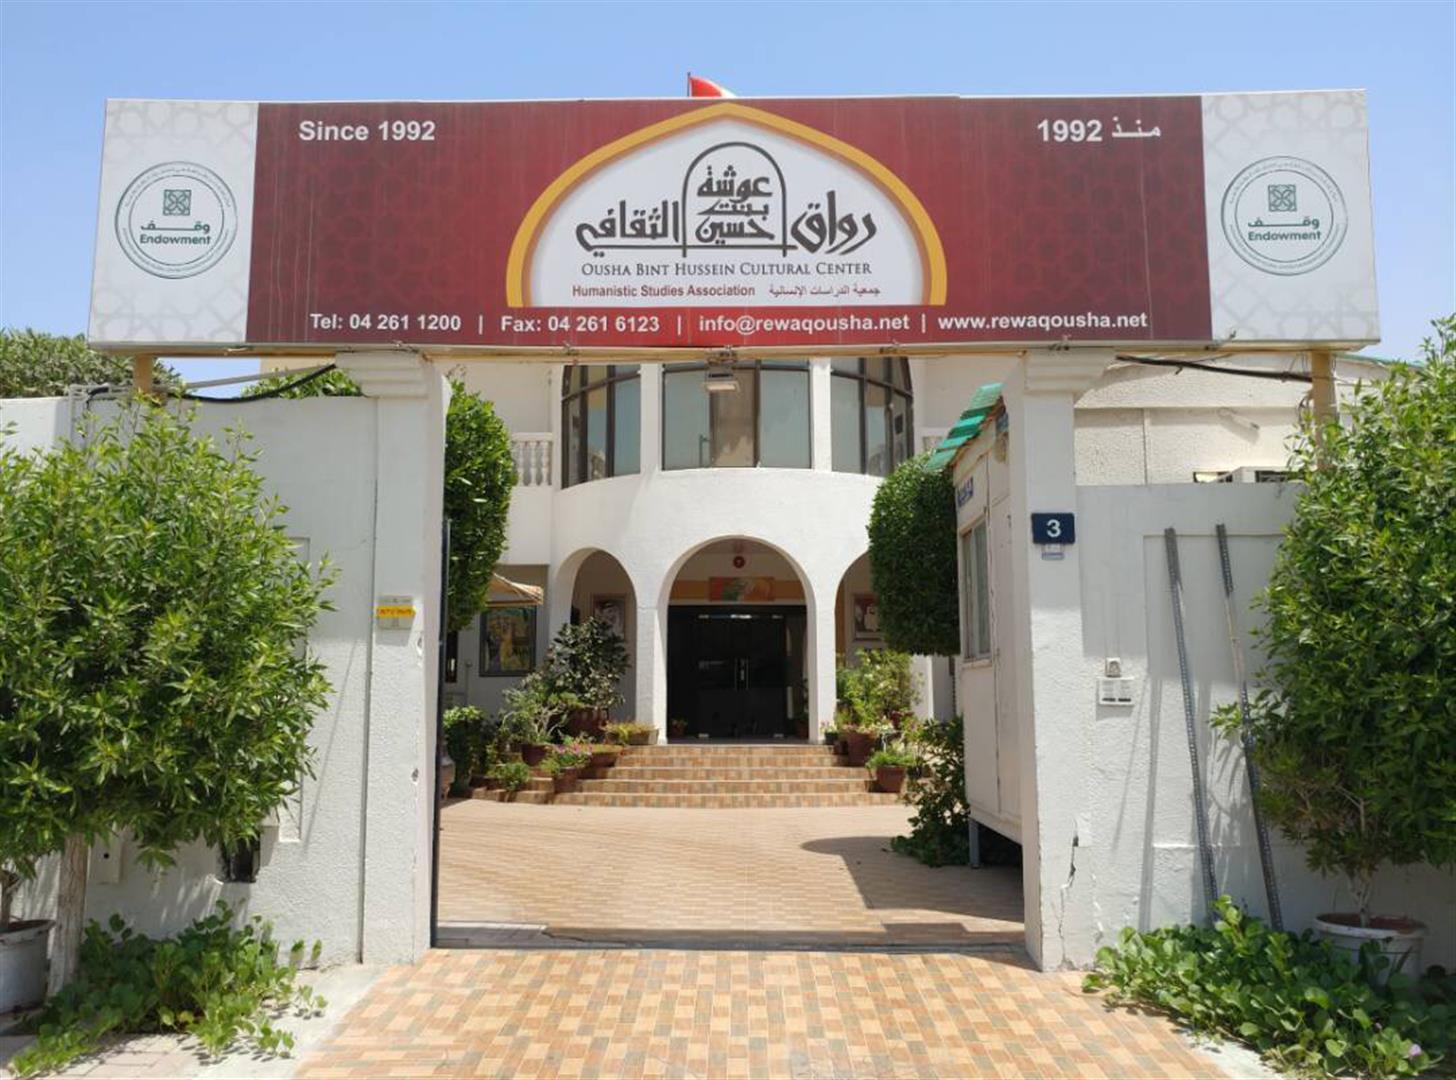 """إشهار """"رواق عوشة بنت حسين الثقافي الاجتماعي"""" مؤسسة أهلية ذات نفع عام. 1"""